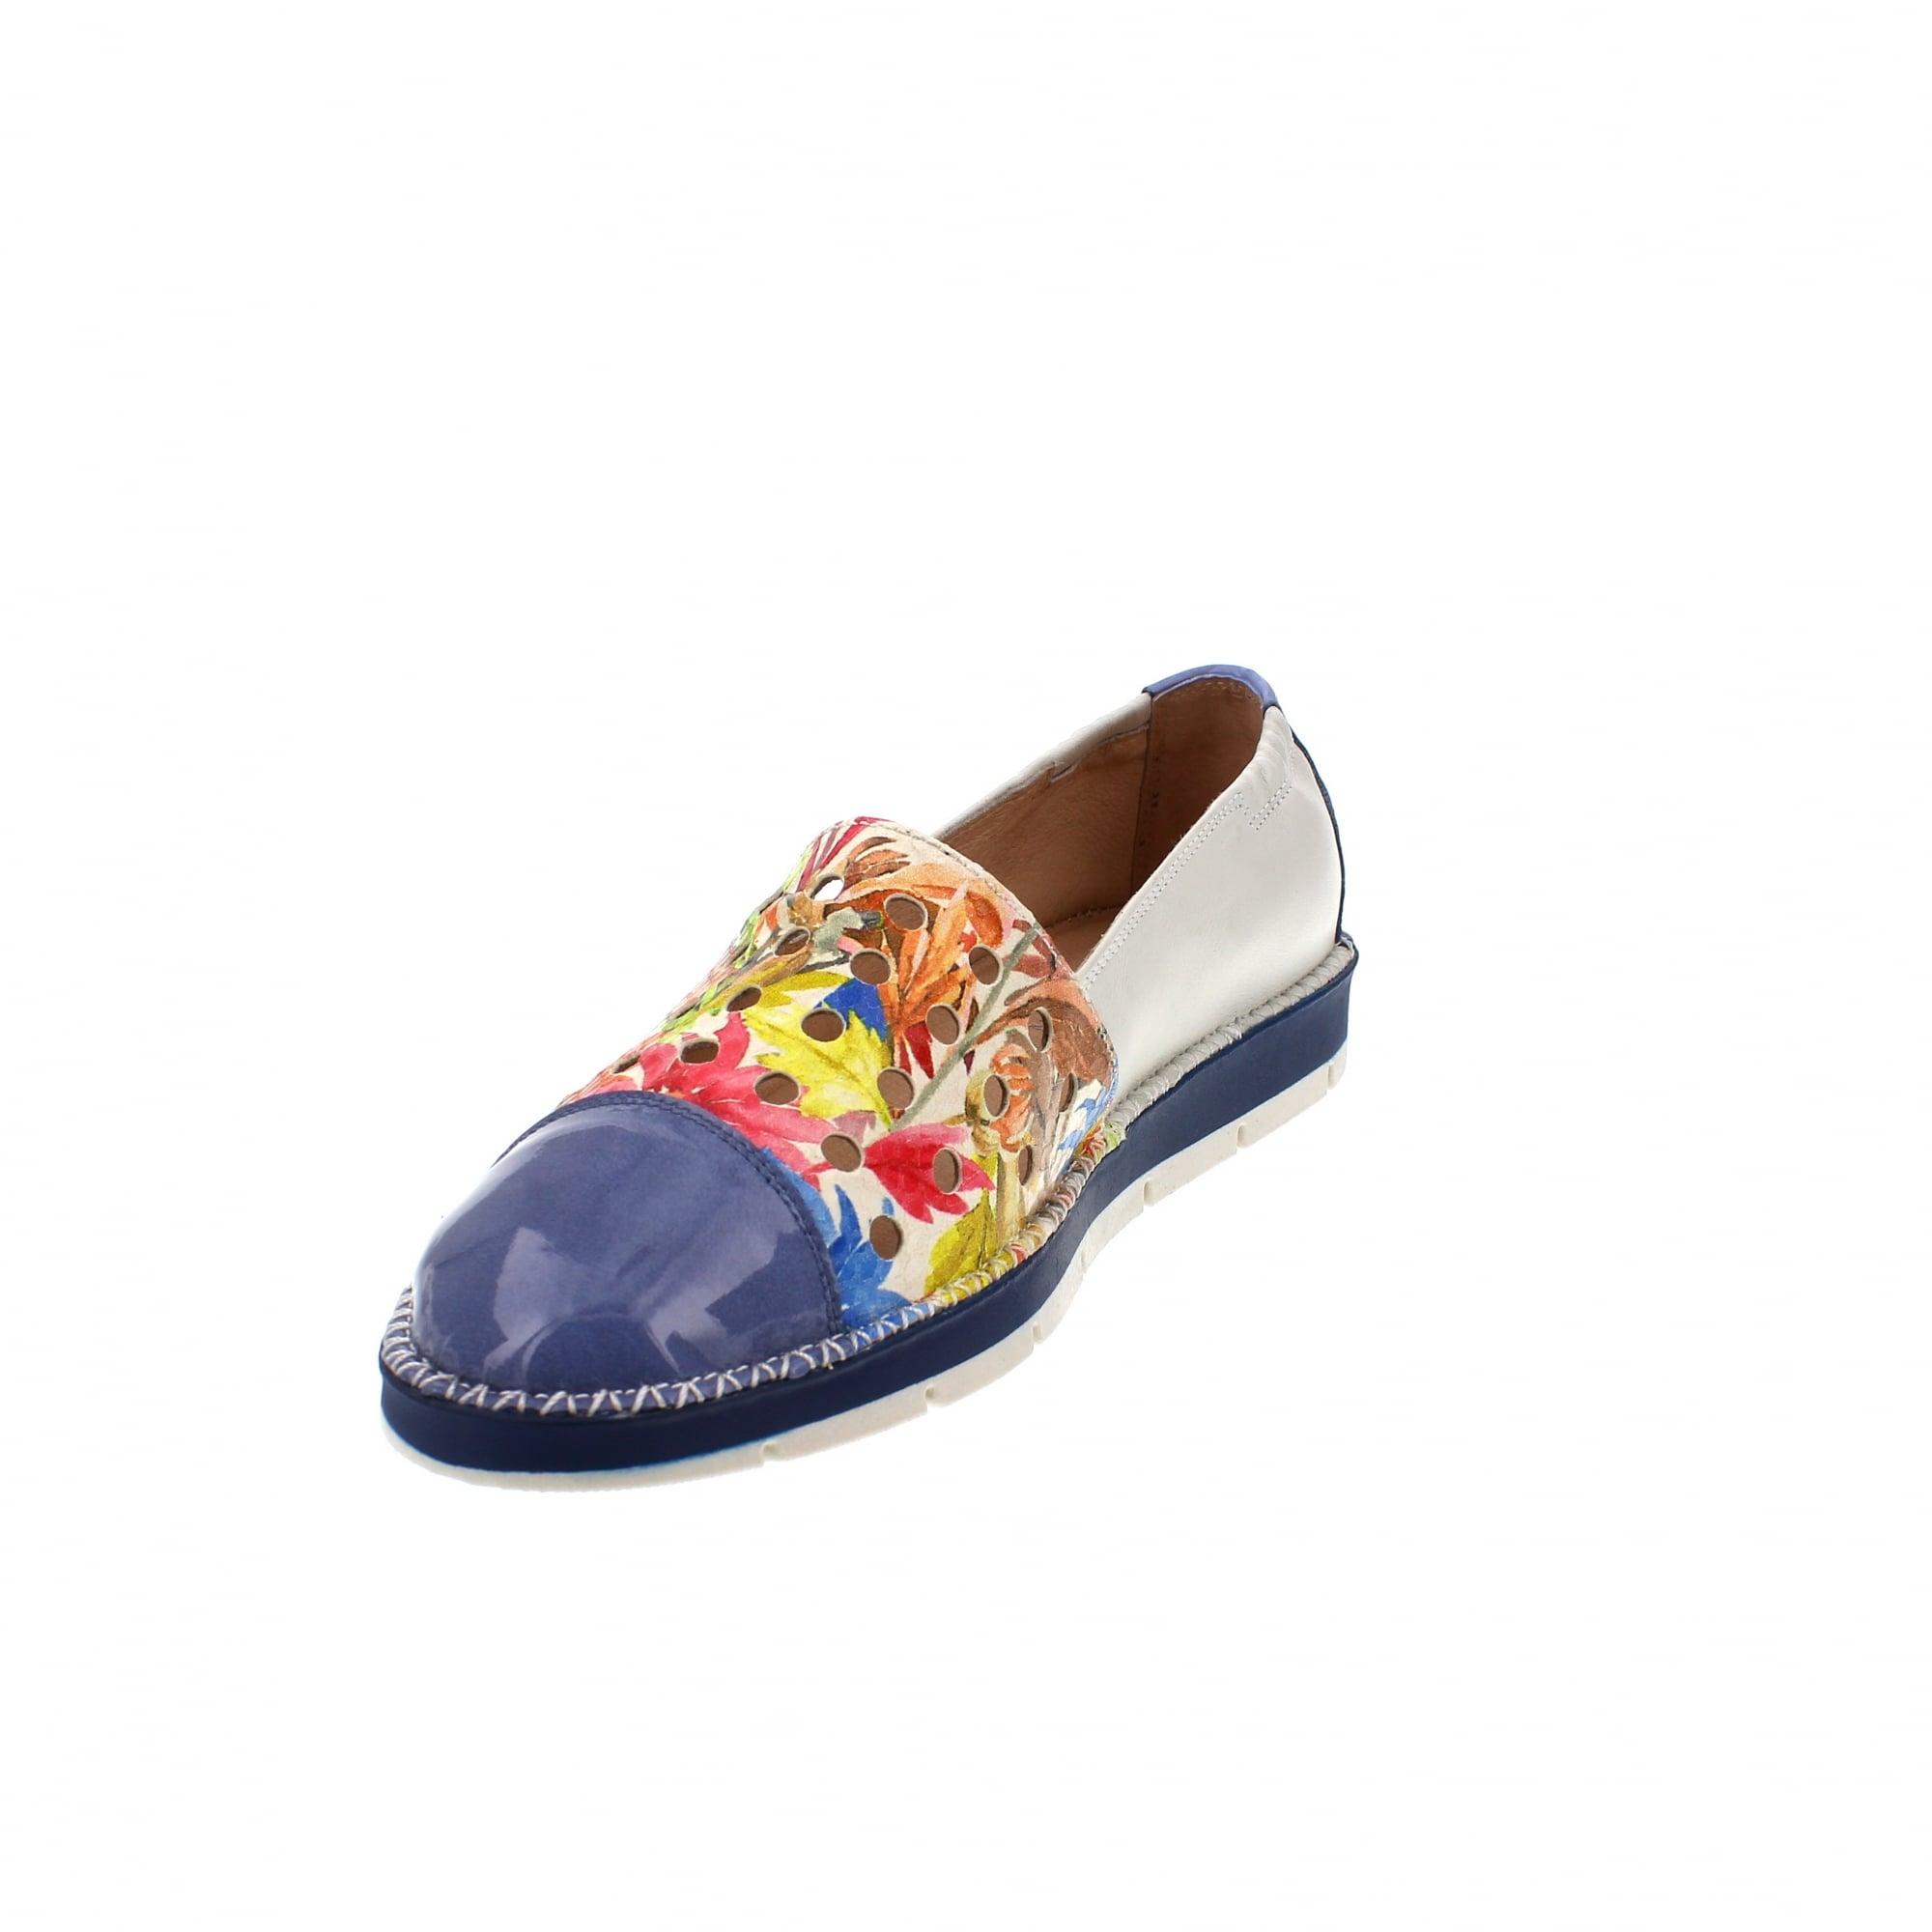 0993949cdcfb98 Hispanitas Maui | 84564-v20 - Womens from Rogerson Shoes UK